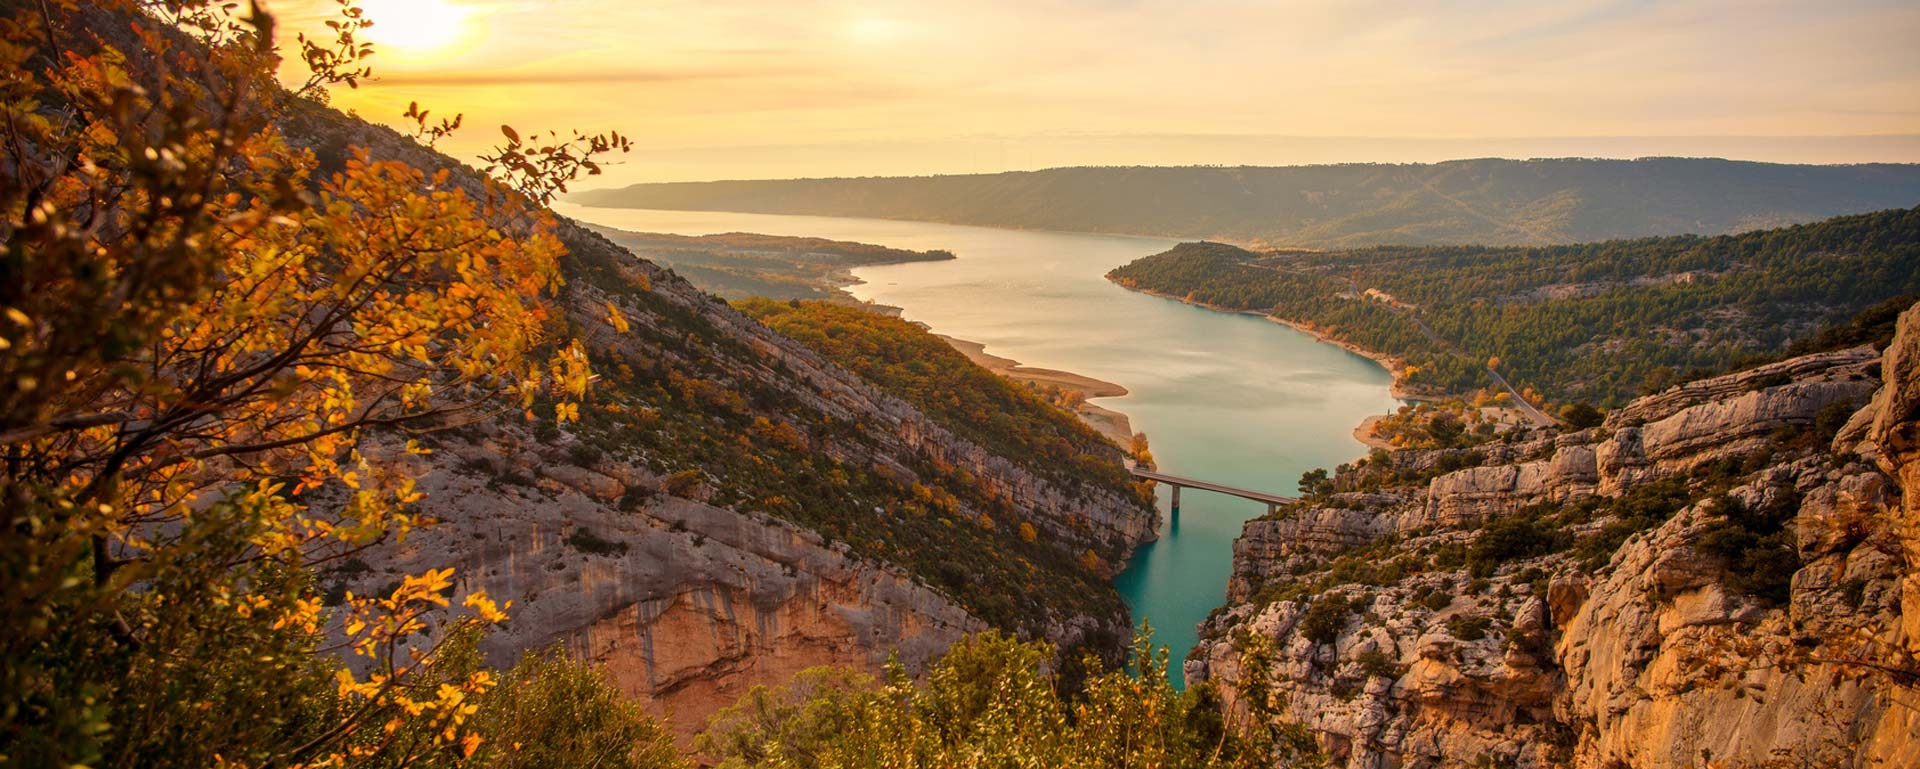 Prparer vos vacances dans les Gorges du Verdon Le Petit Telle